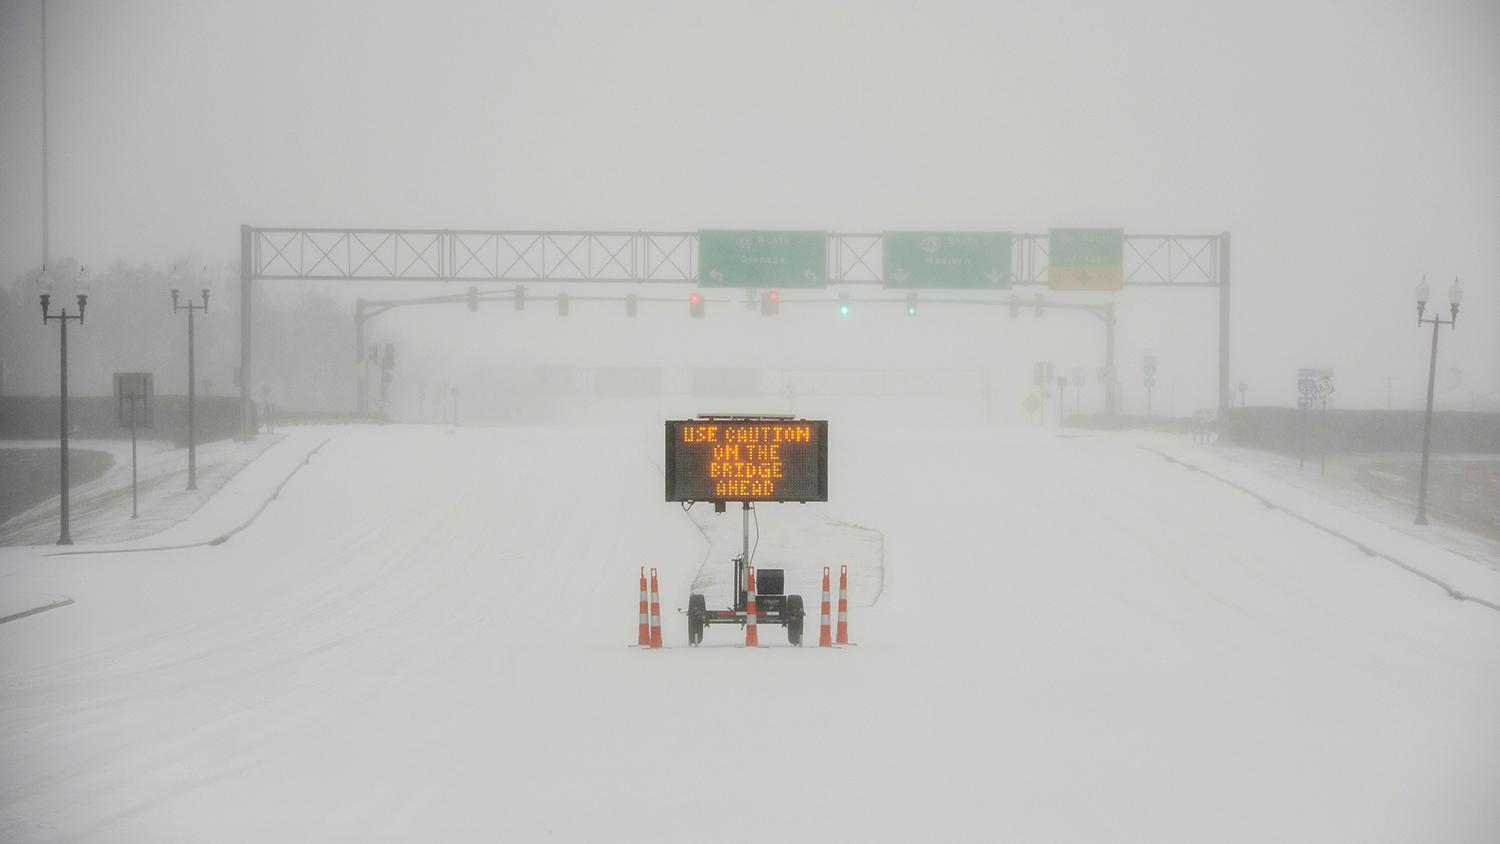 Рекордные морозы и снег оставили без света миллионы американцев - Газета.Ru